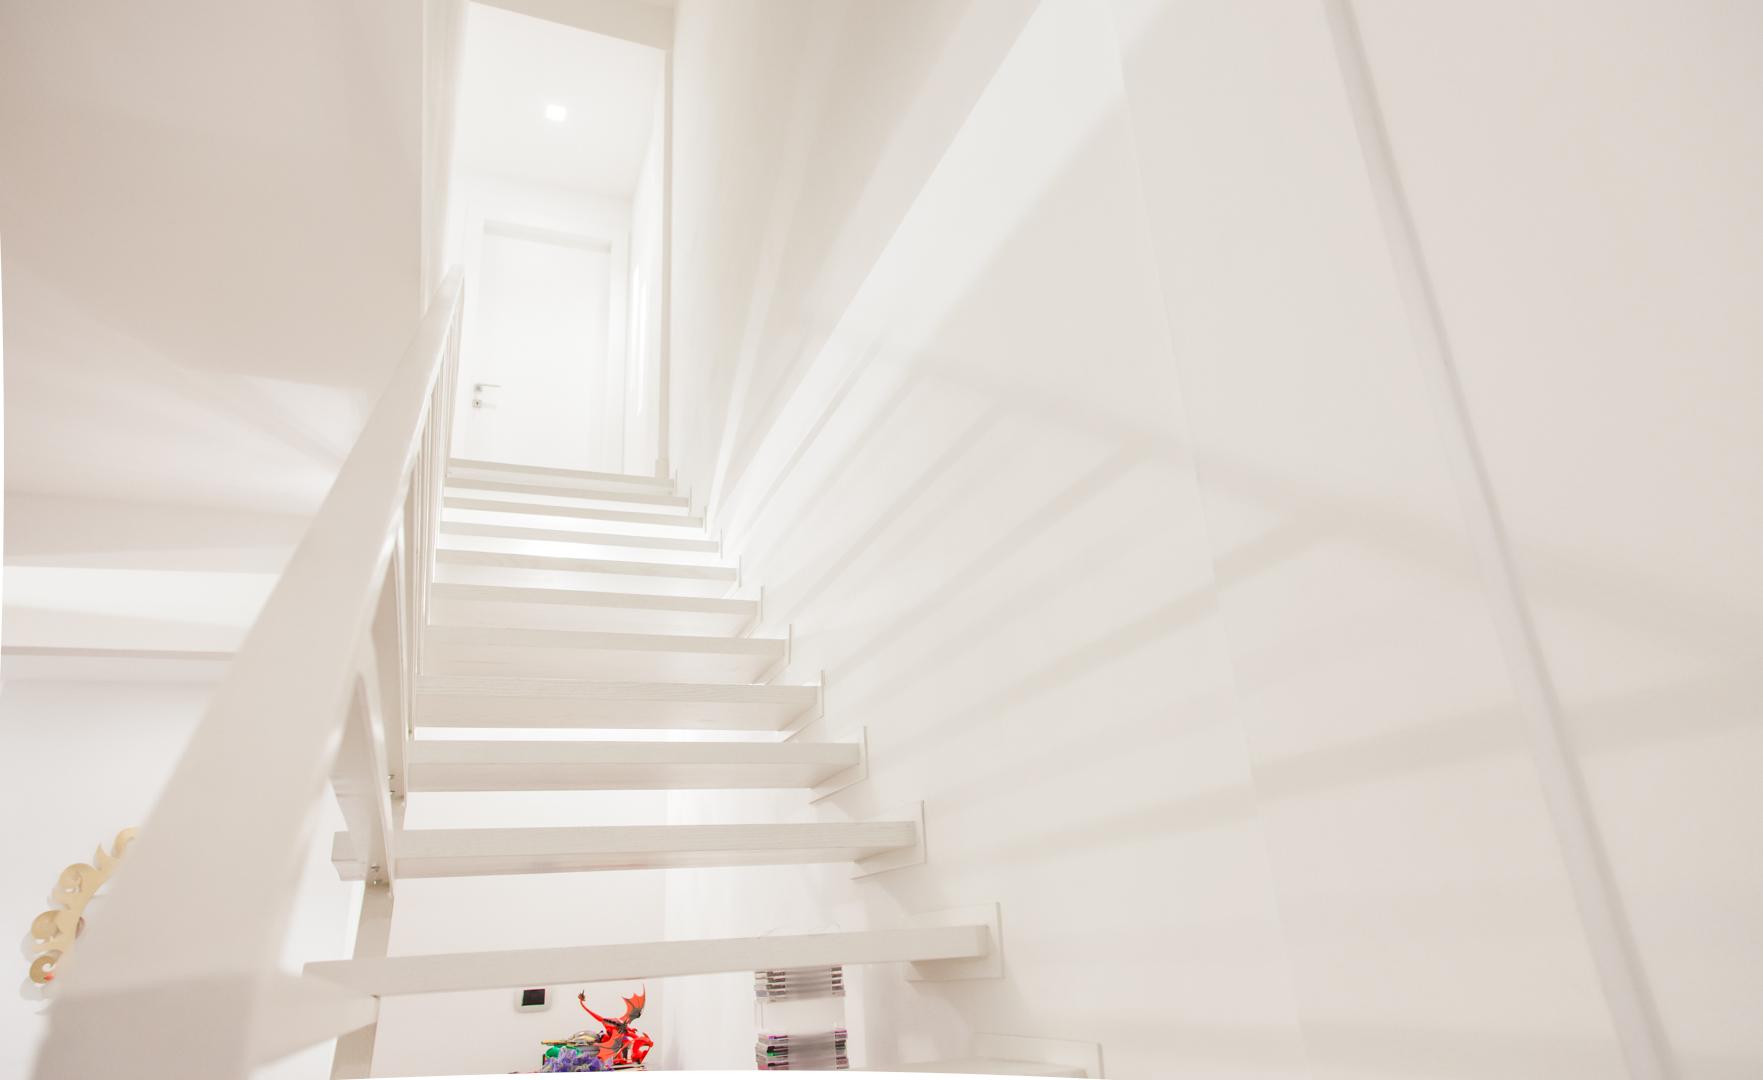 Demolizione Scala In Cemento Armato come fare per ristrutturare una scala della casa. francesco